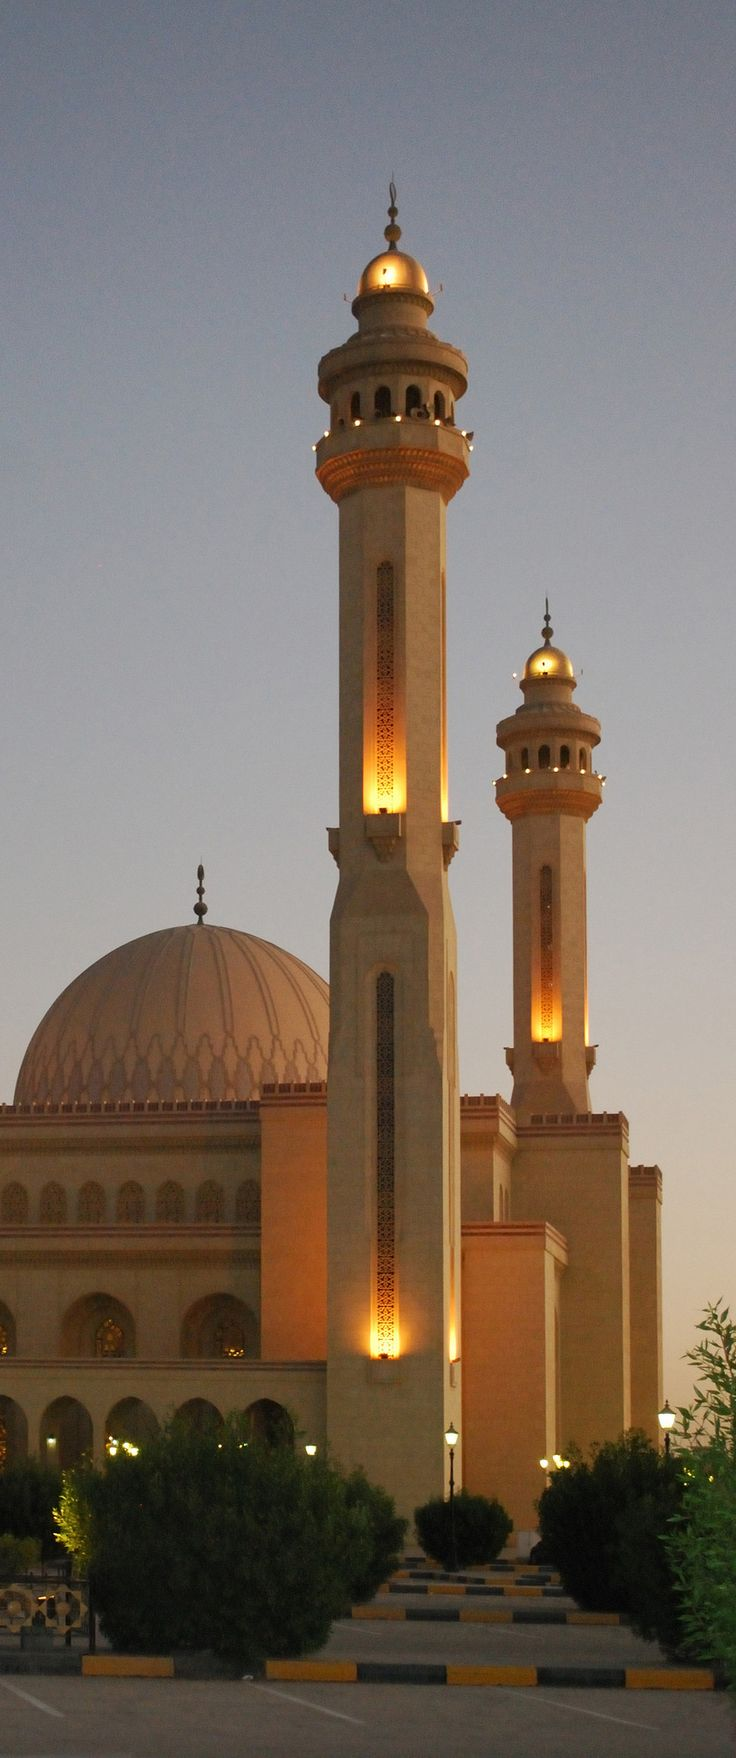 Al Fateh Grand Mosque, Bahrain